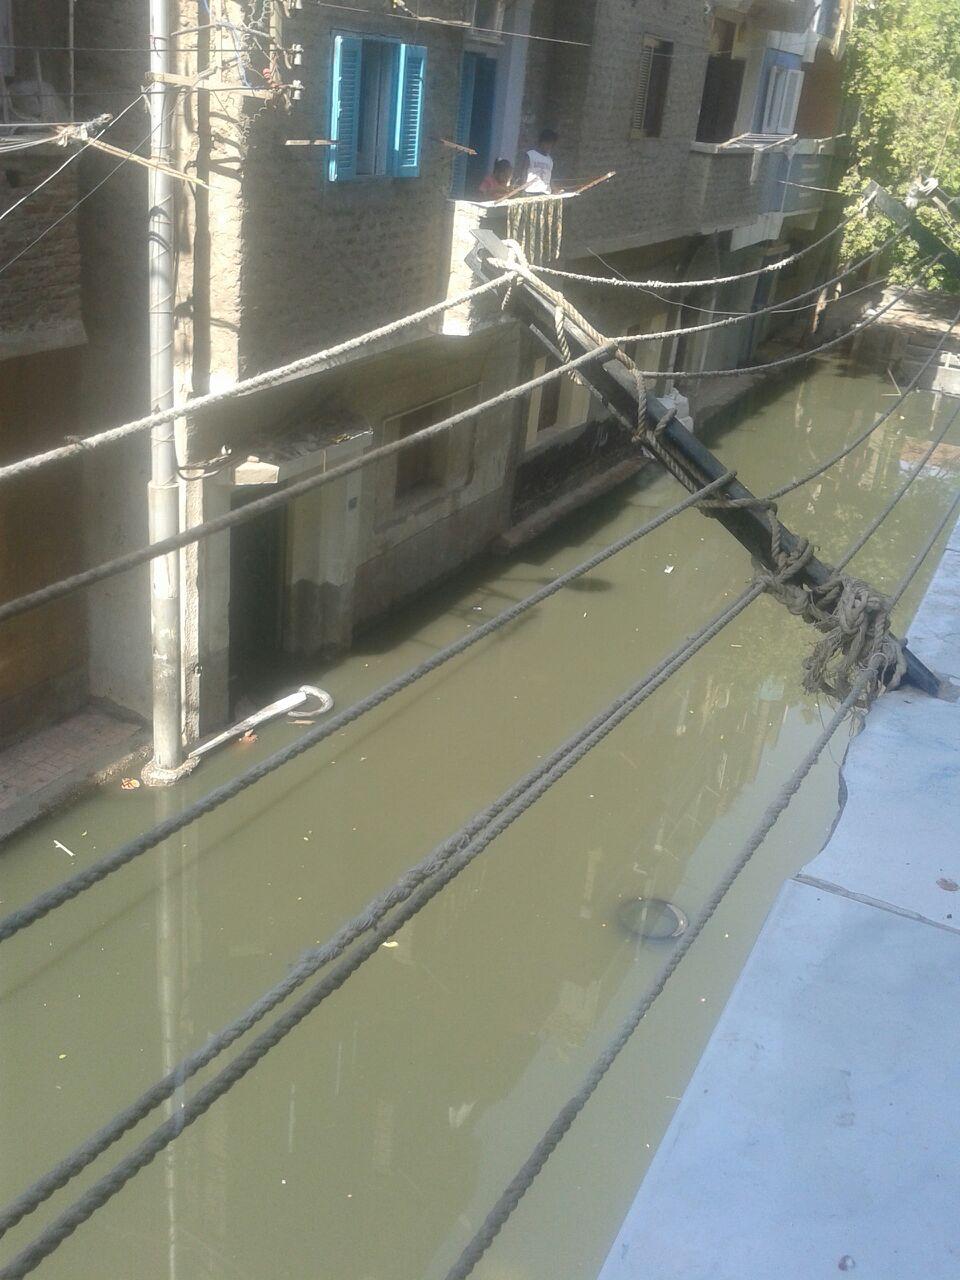 بالصور..طفح مياه المجاري ودخولها منازل المواطنين في بندر قنا